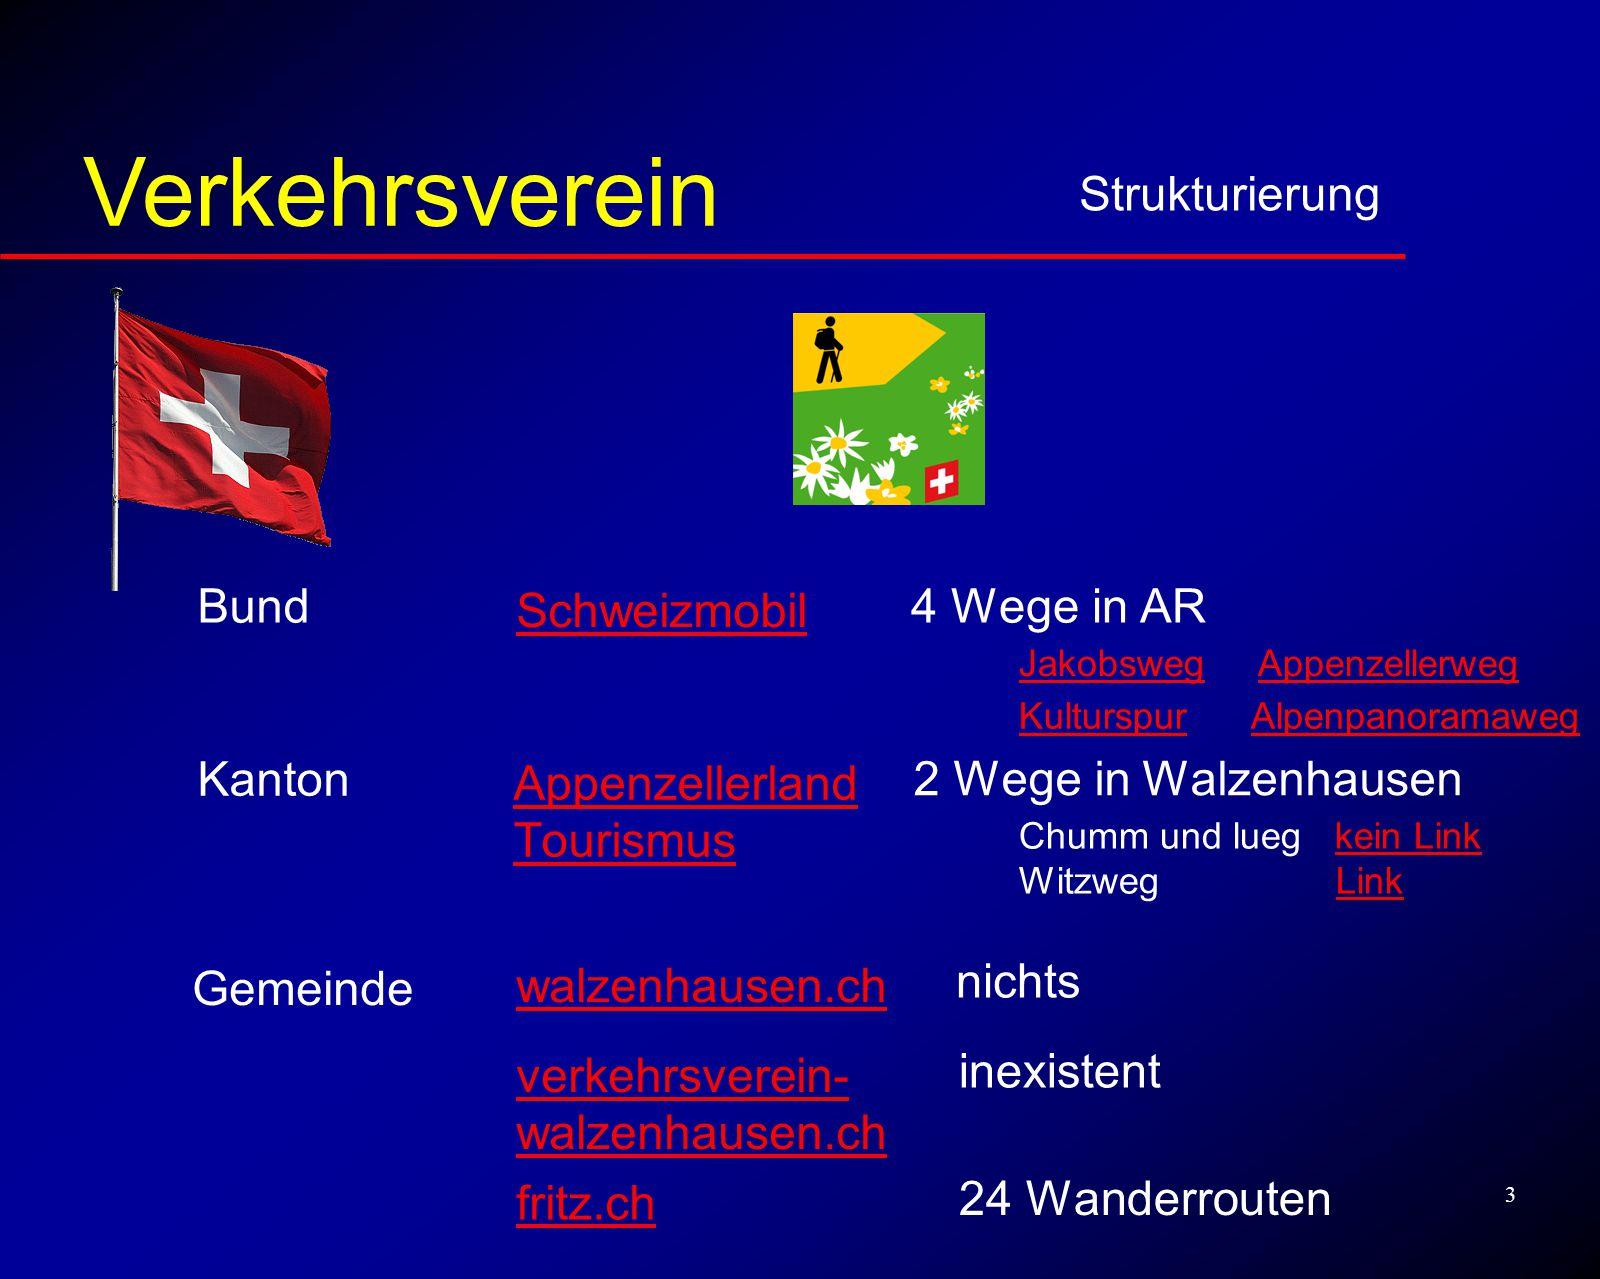 3 Strukturierung Verkehrsverein Bund Kanton Gemeinde 4 Wege in AR JakobswegJakobsweg AppenzellerwegAppenzellerweg KulturspurKulturspur Alpenpanoramawe